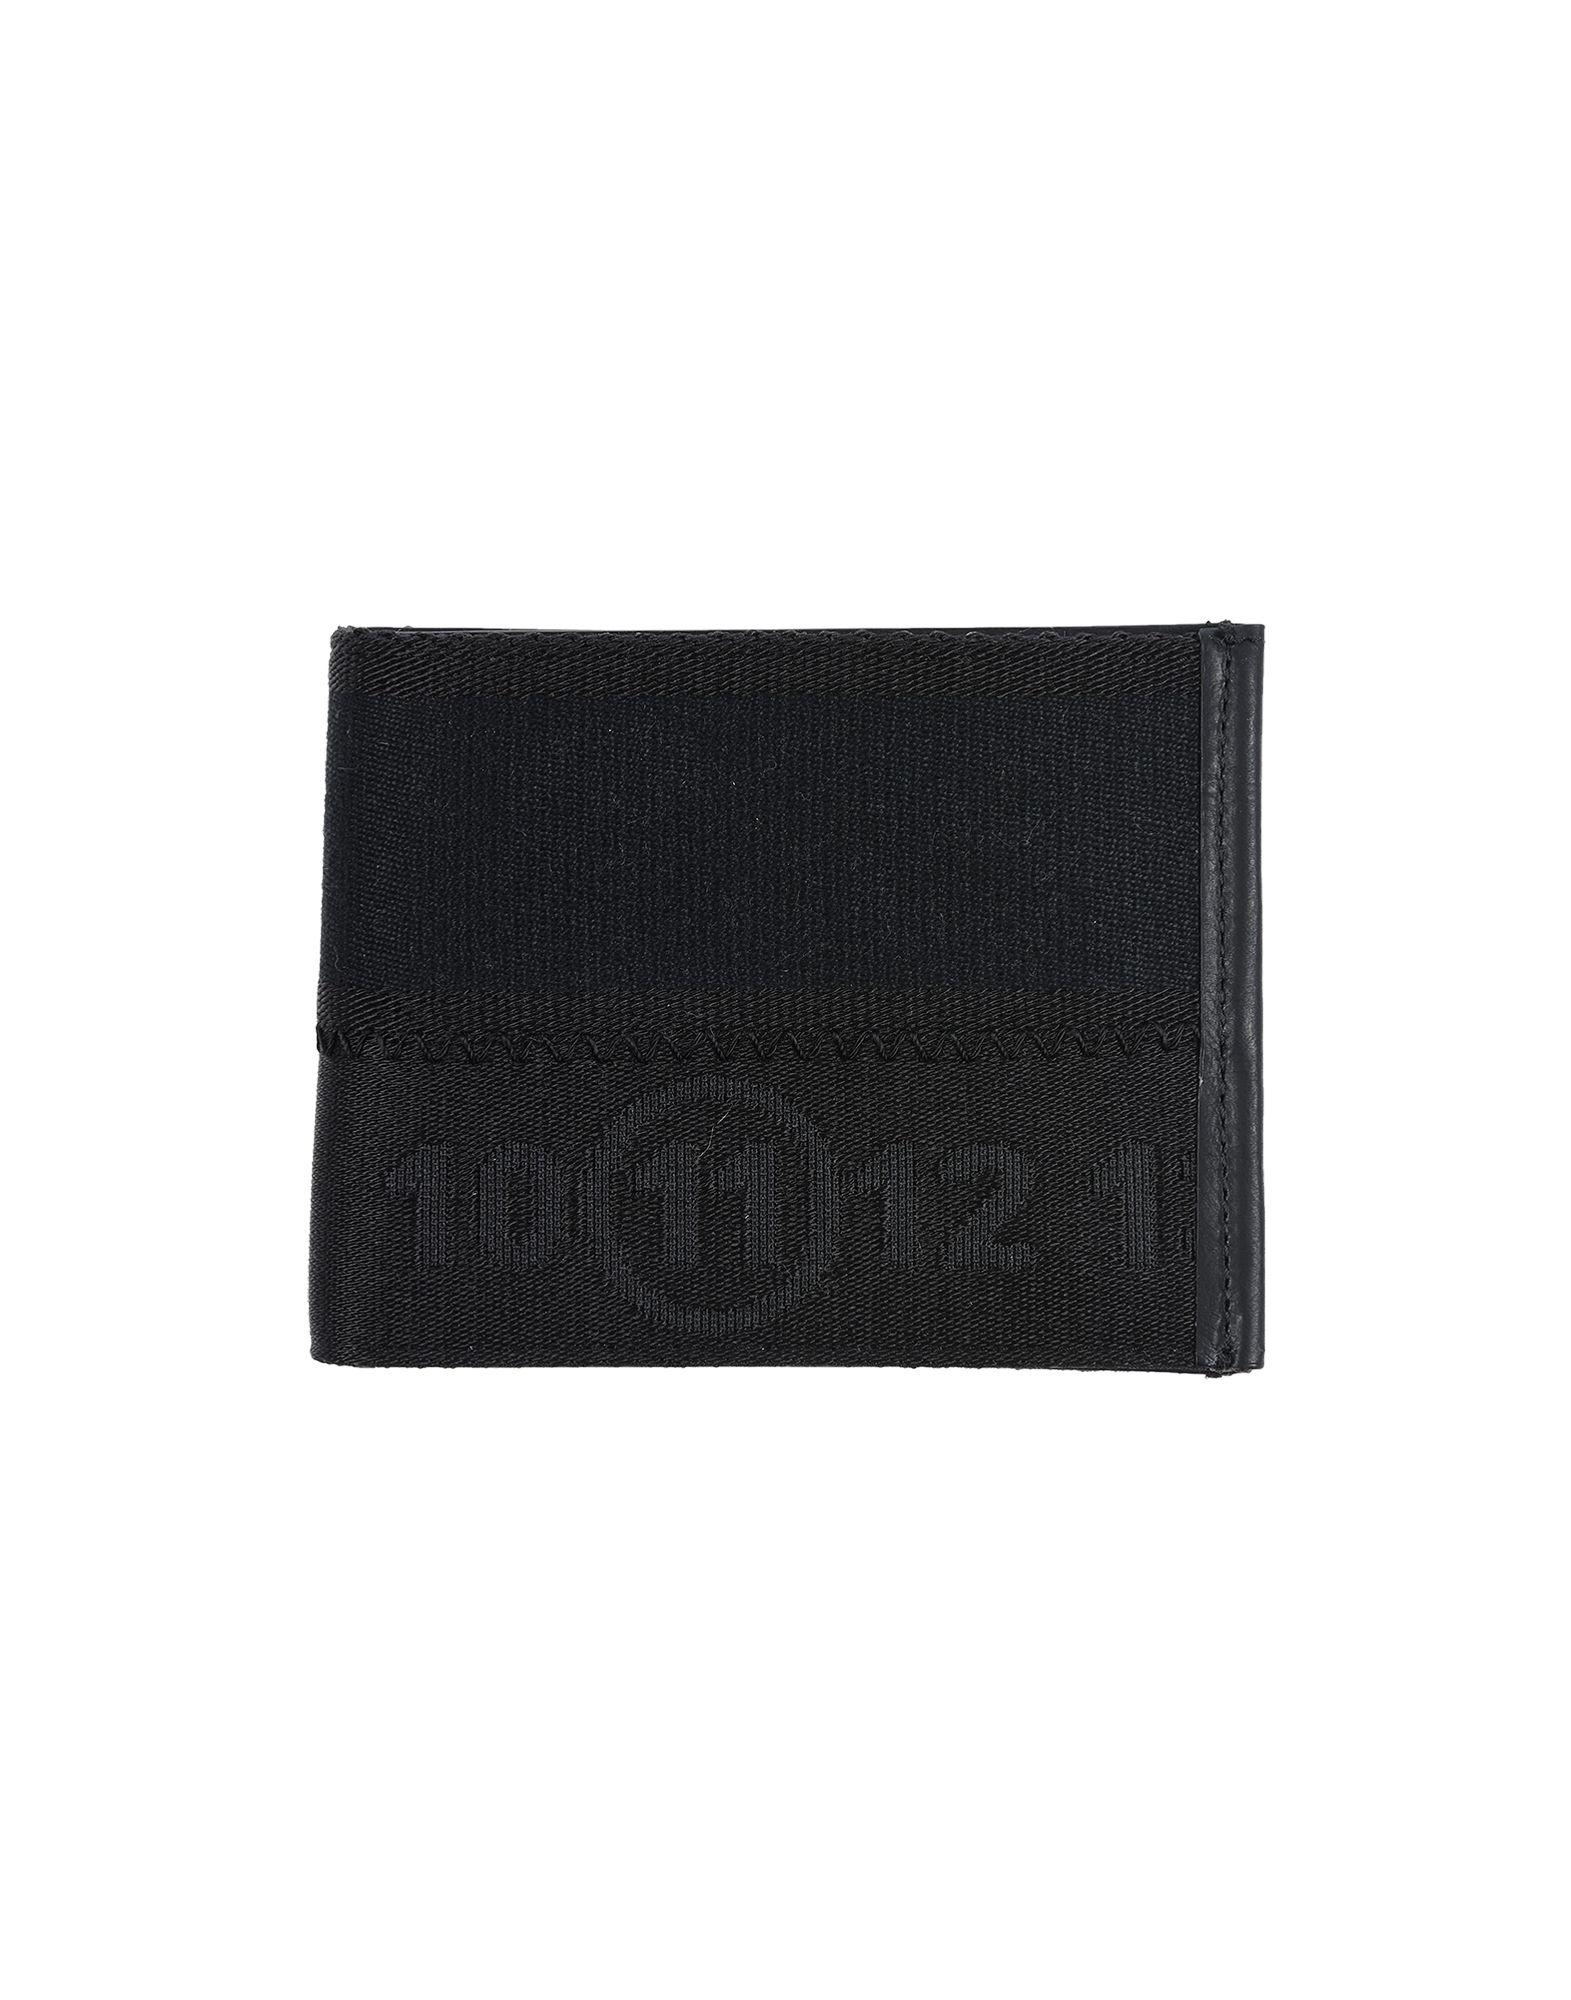 《送料無料》MAISON MARGIELA メンズ 財布 ブラック ポリエステル 34% / コットン 33% / ナイロン 33% / 革